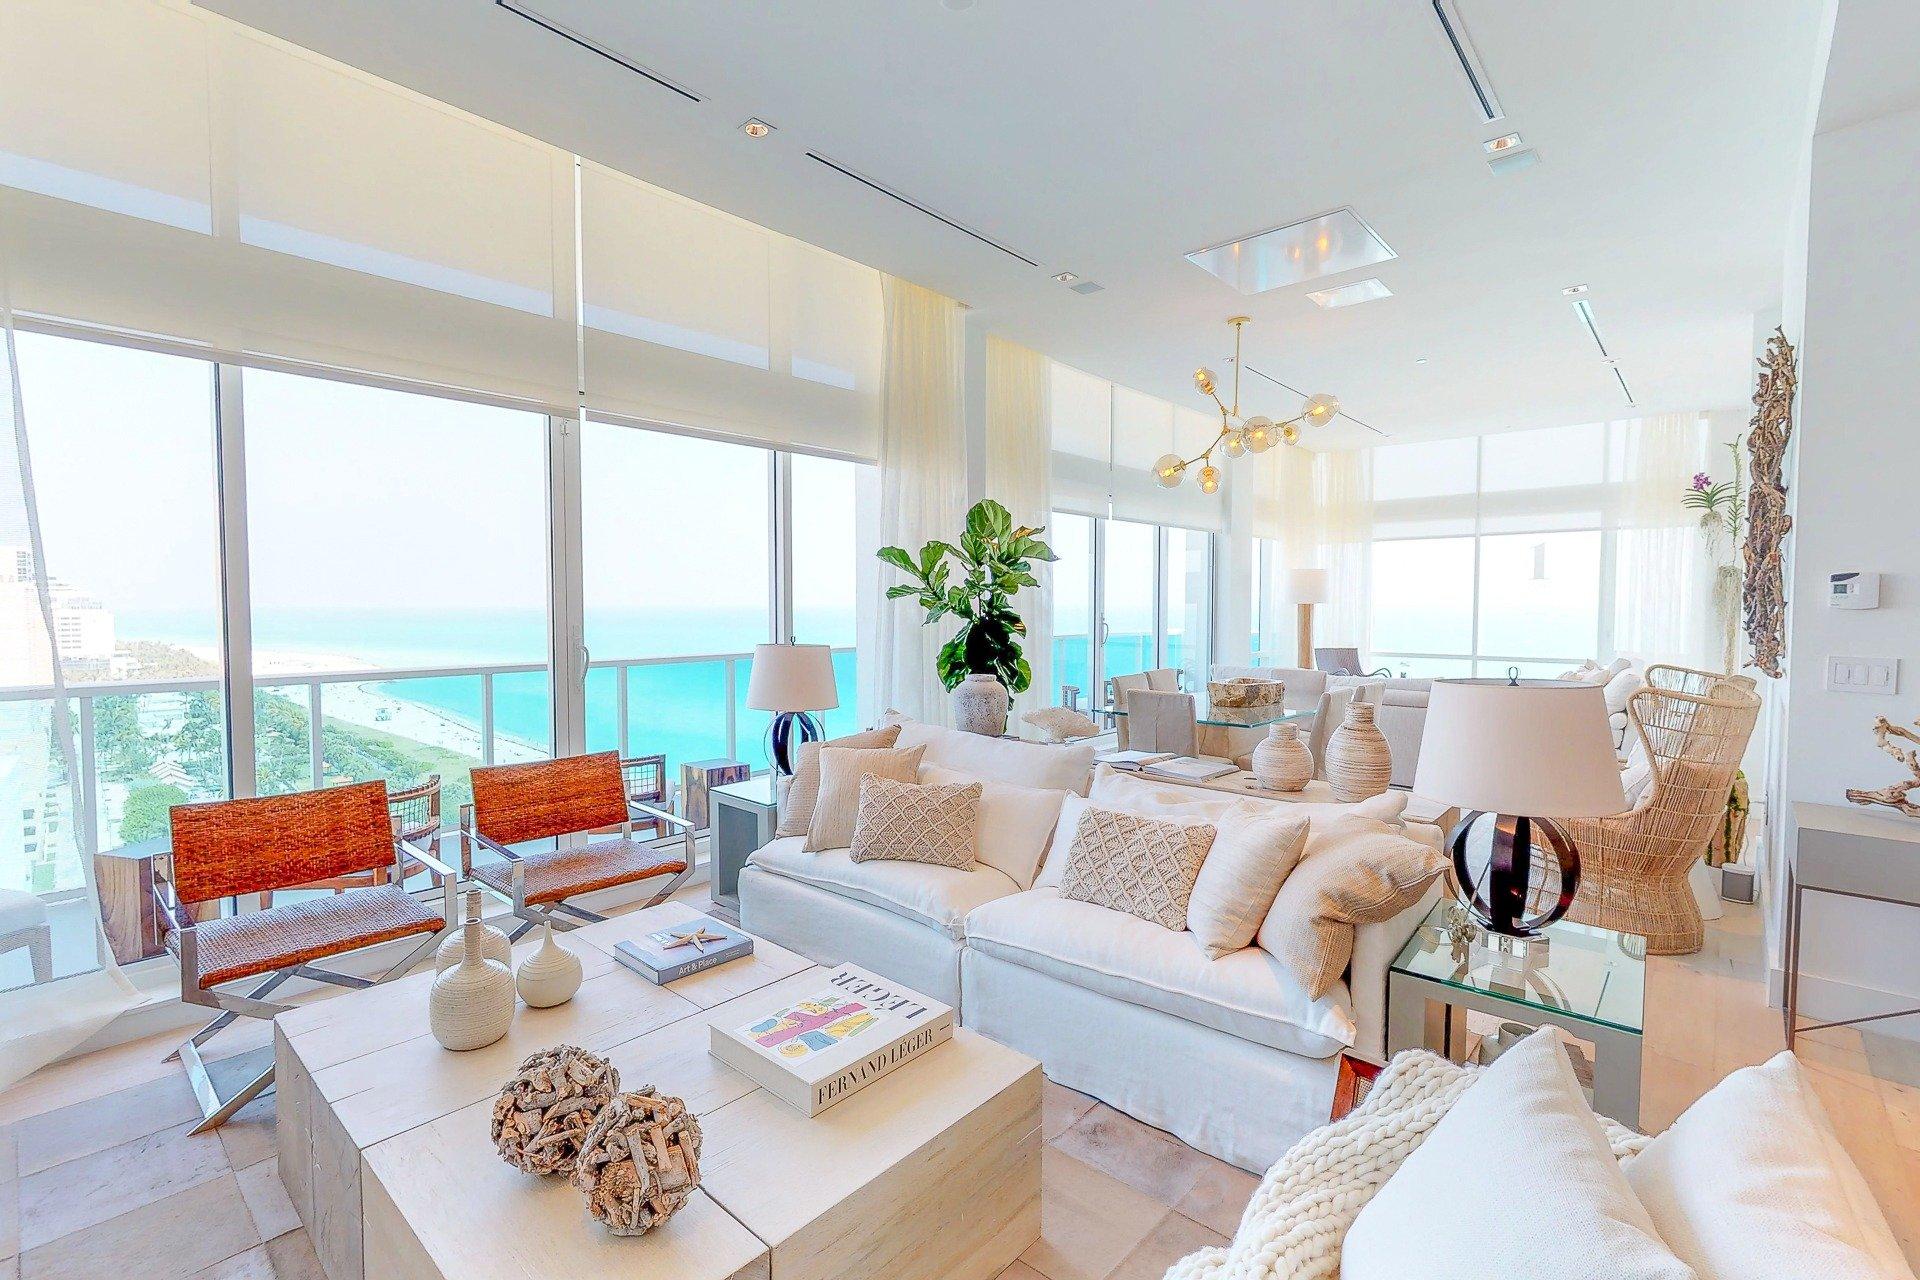 Miami Beach Penthouse Virtual Tour - Momentum 360 | Residential Real ...